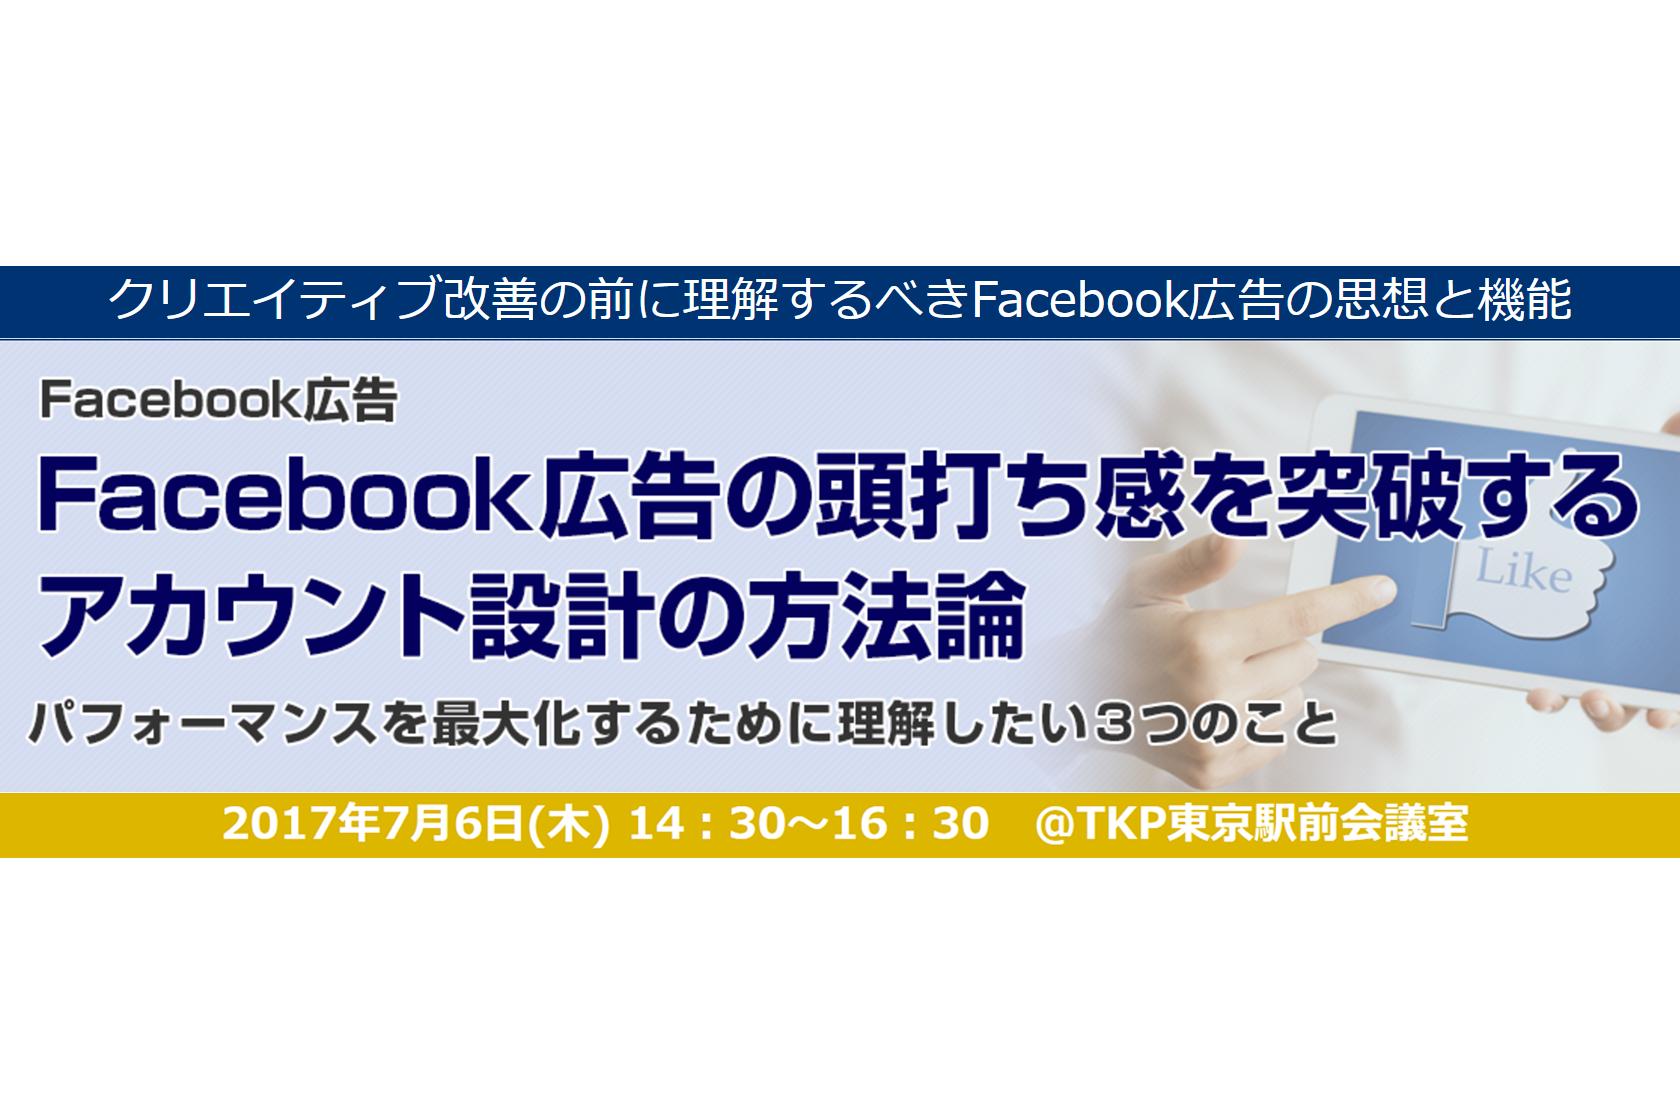 2017年7月6日開催決定!Facebook広告の頭打ち感を突破する、アカウント設計の方法論